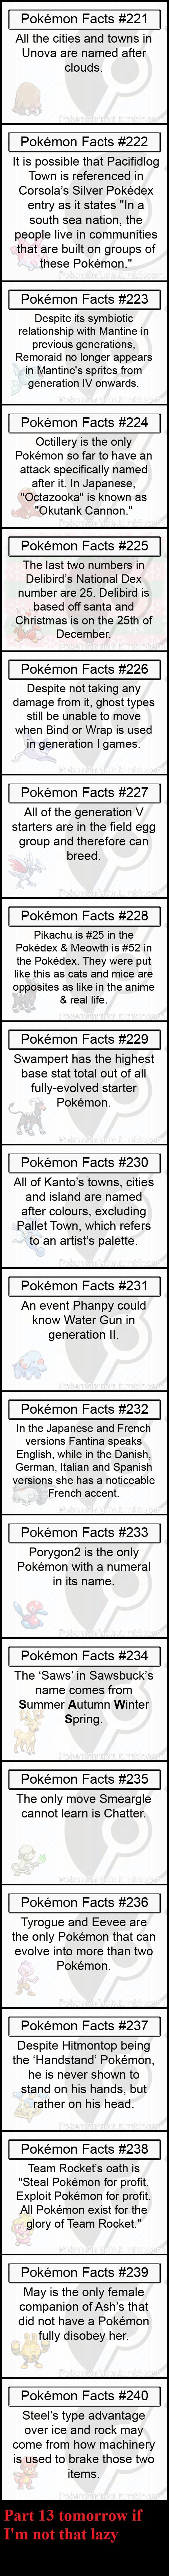 Pokemon Facts 12. Part 11: /channel/pokemon/Pokemon+Facts+11/xpr... Part 10: funnyjunk.com/channel/pokemon/Pokemon+Facts+10/mnRhGza/ Part 9: funnyjunk.com/chann Pokemon Facts 12 Part 11: /channel/pokemon/Pokemon+Facts+11/xpr 10: funnyjunk com/channel/pokemon/Pokemon+Facts+10/mnRhGza/ 9: com/chann